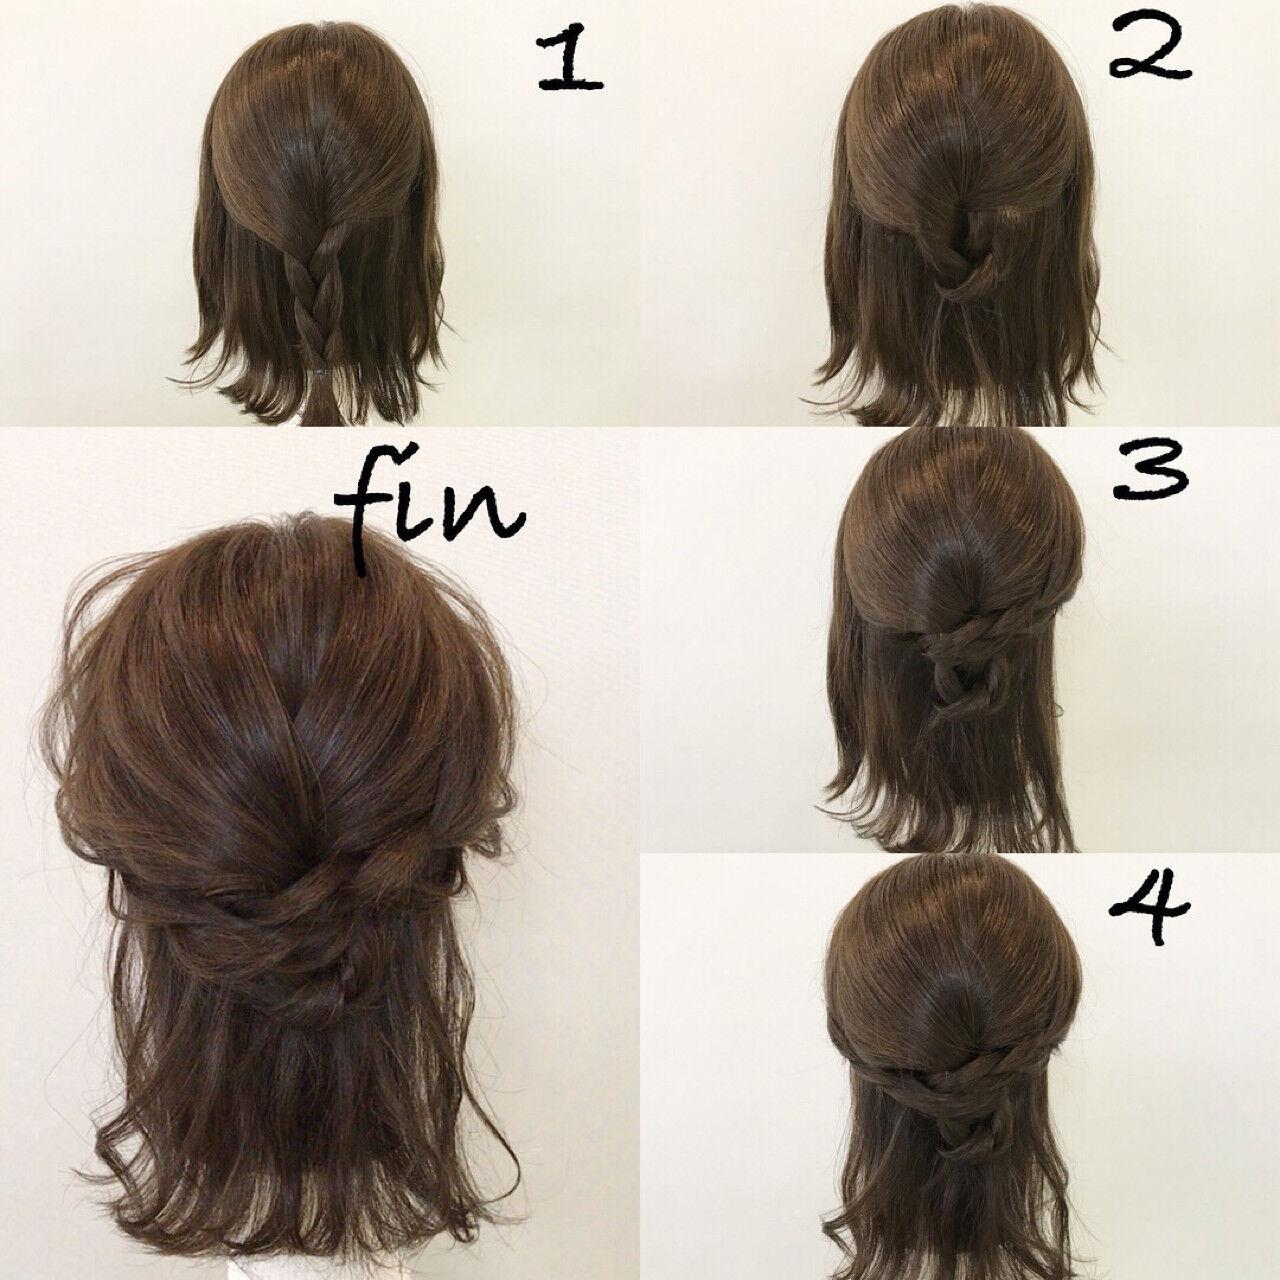 デート 謝恩会 ナチュラル 簡単ヘアアレンジヘアスタイルや髪型の写真・画像